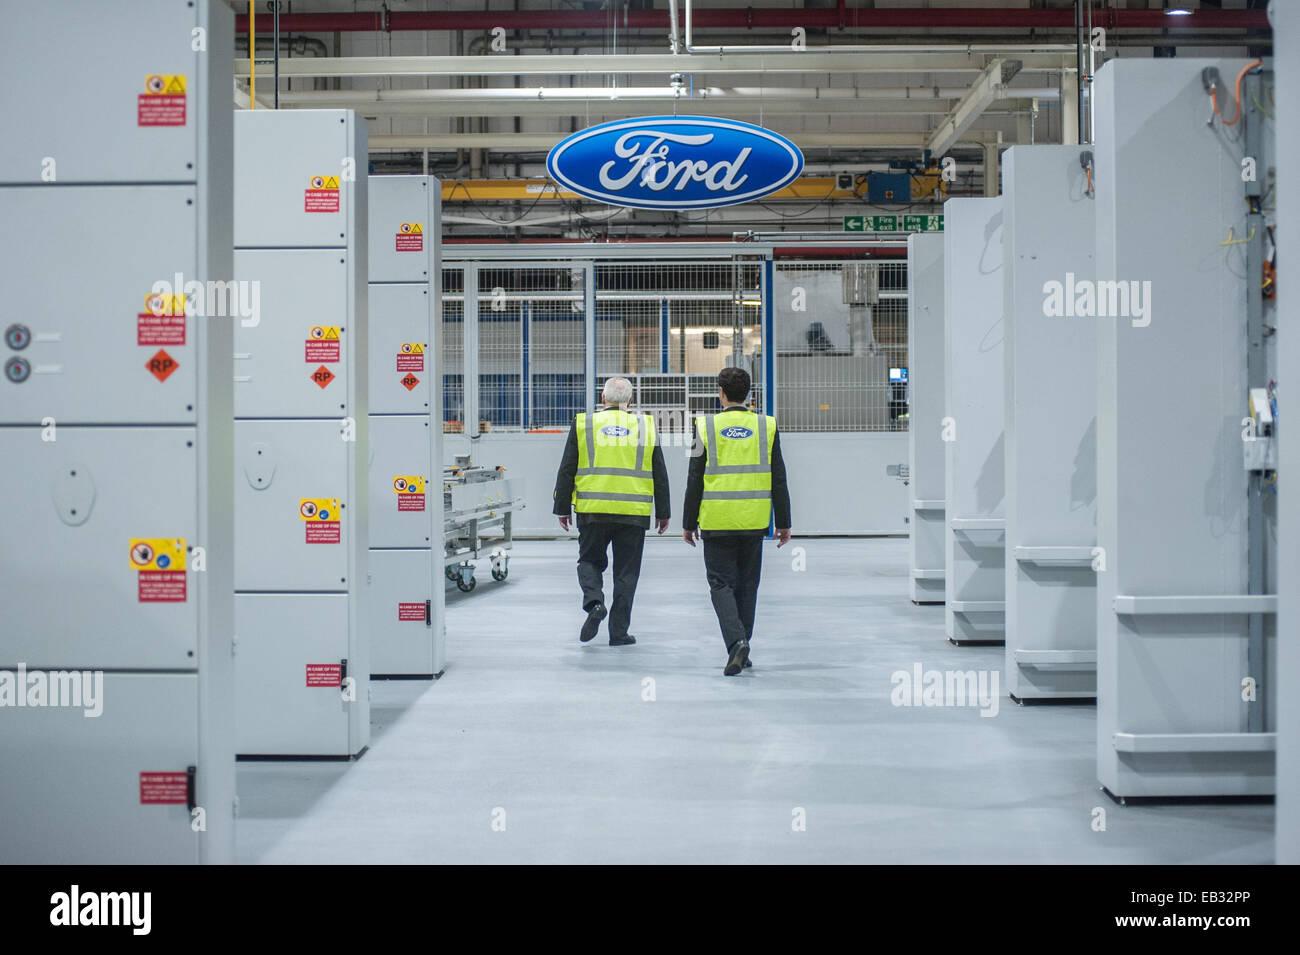 London, UK. 25. November 2014. Der Bürgermeister von London, Boris Johnson besucht das Ford Motor Dagenham Stockbild